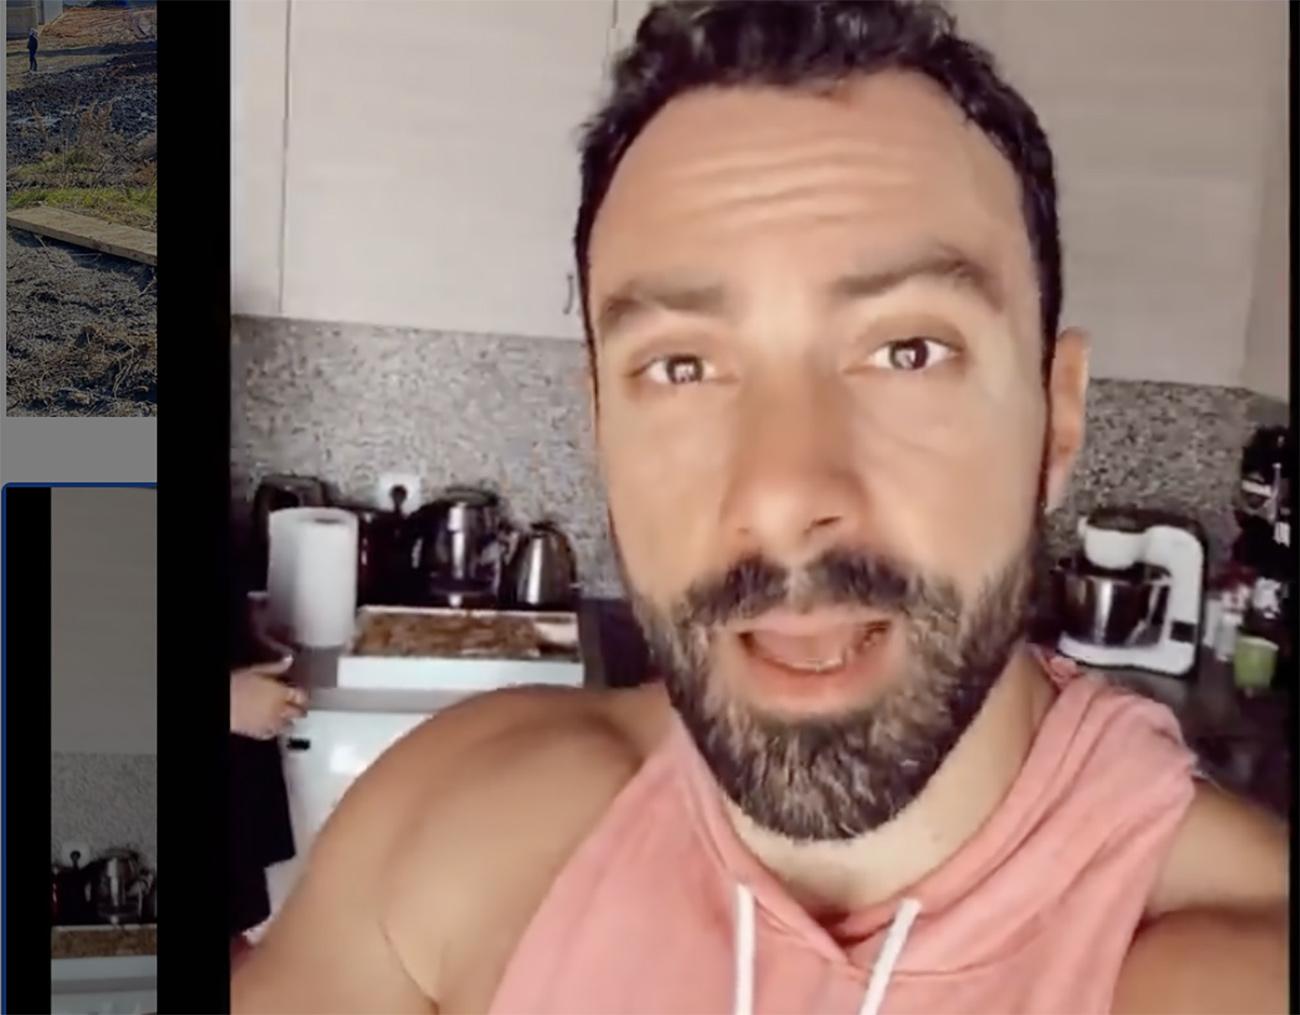 Σάκης Τανιμανίδης: Ποζάρει με τα δύο αδέρφια του, όπως έκαναν μικροί